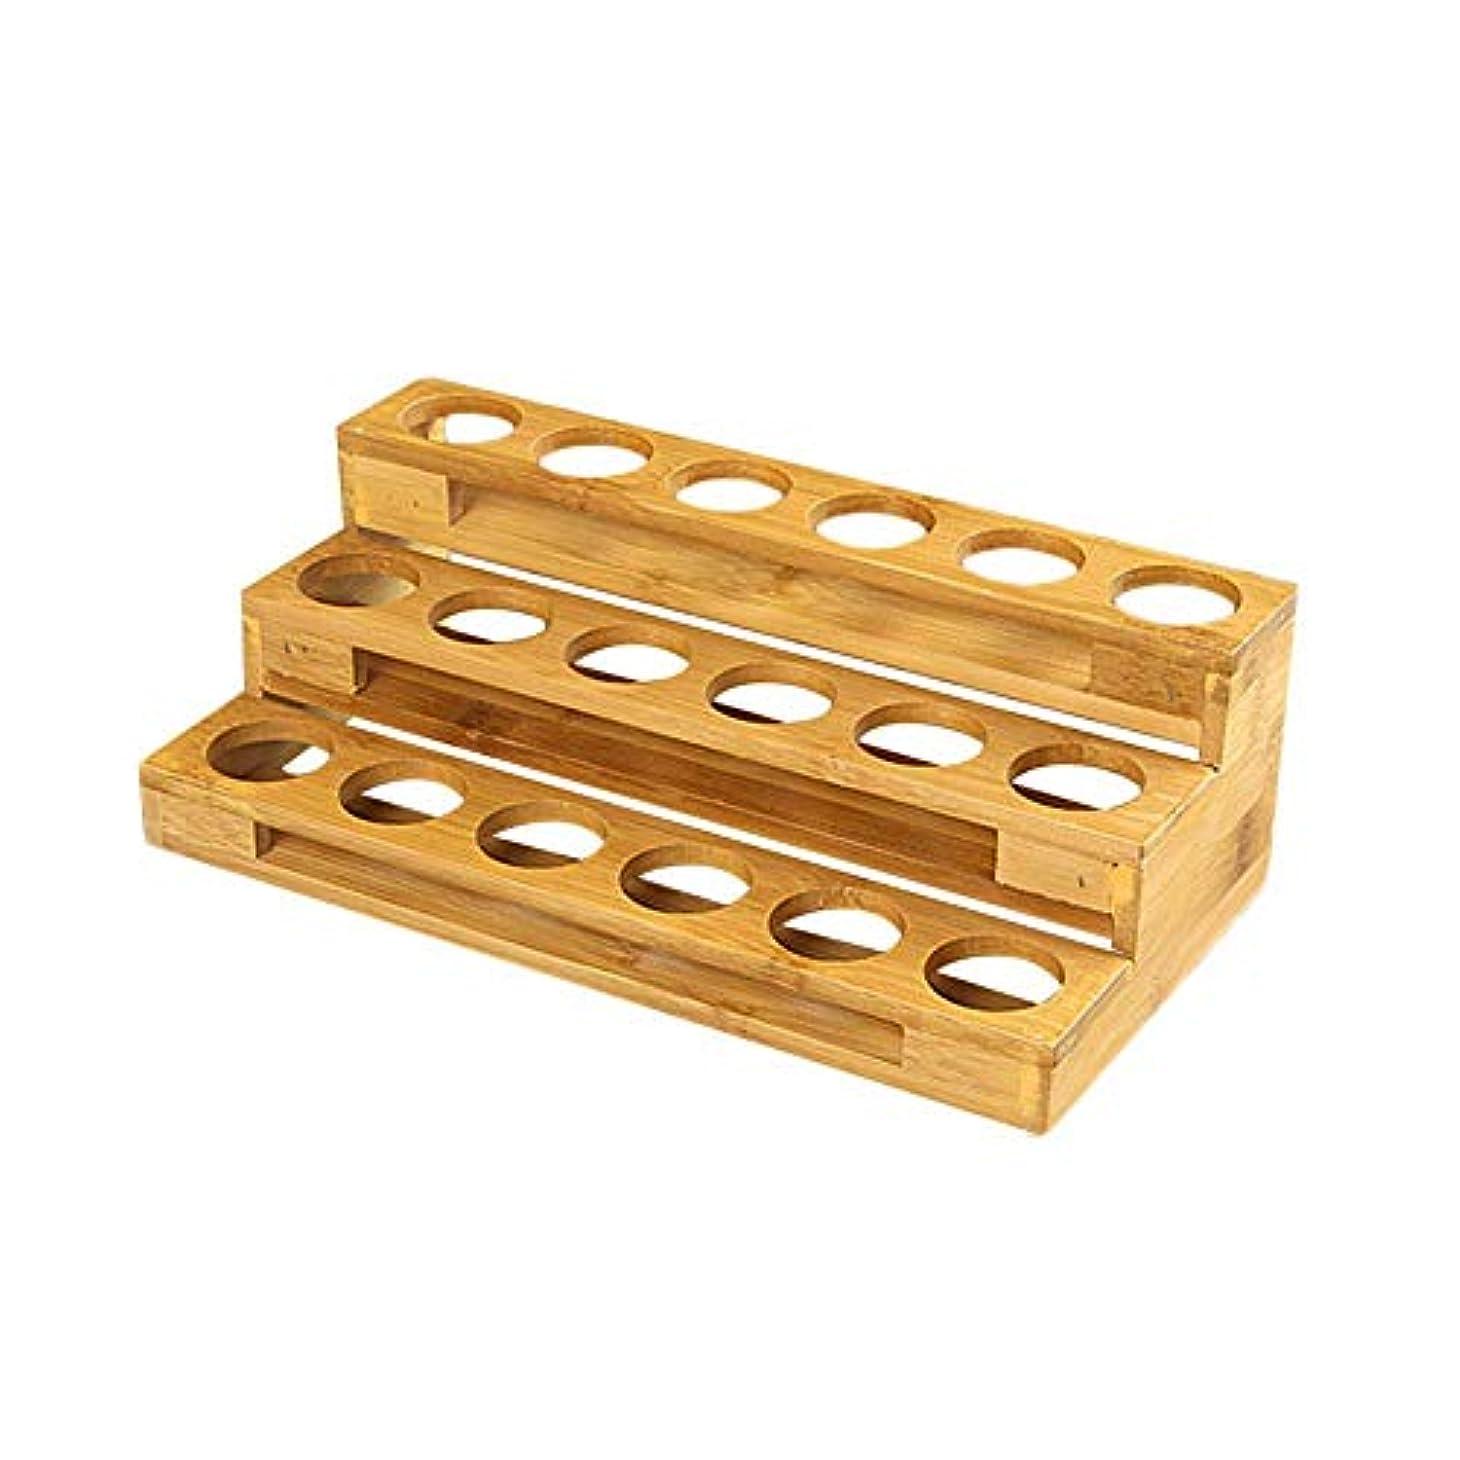 止まる欠員収益エッセンシャルオイル収納ボックス 自然木製 エッセンシャルオイルオイル 収納 ボックス 香水収納ケース はしごタイプ アロマオイル収納ボックス 18本用